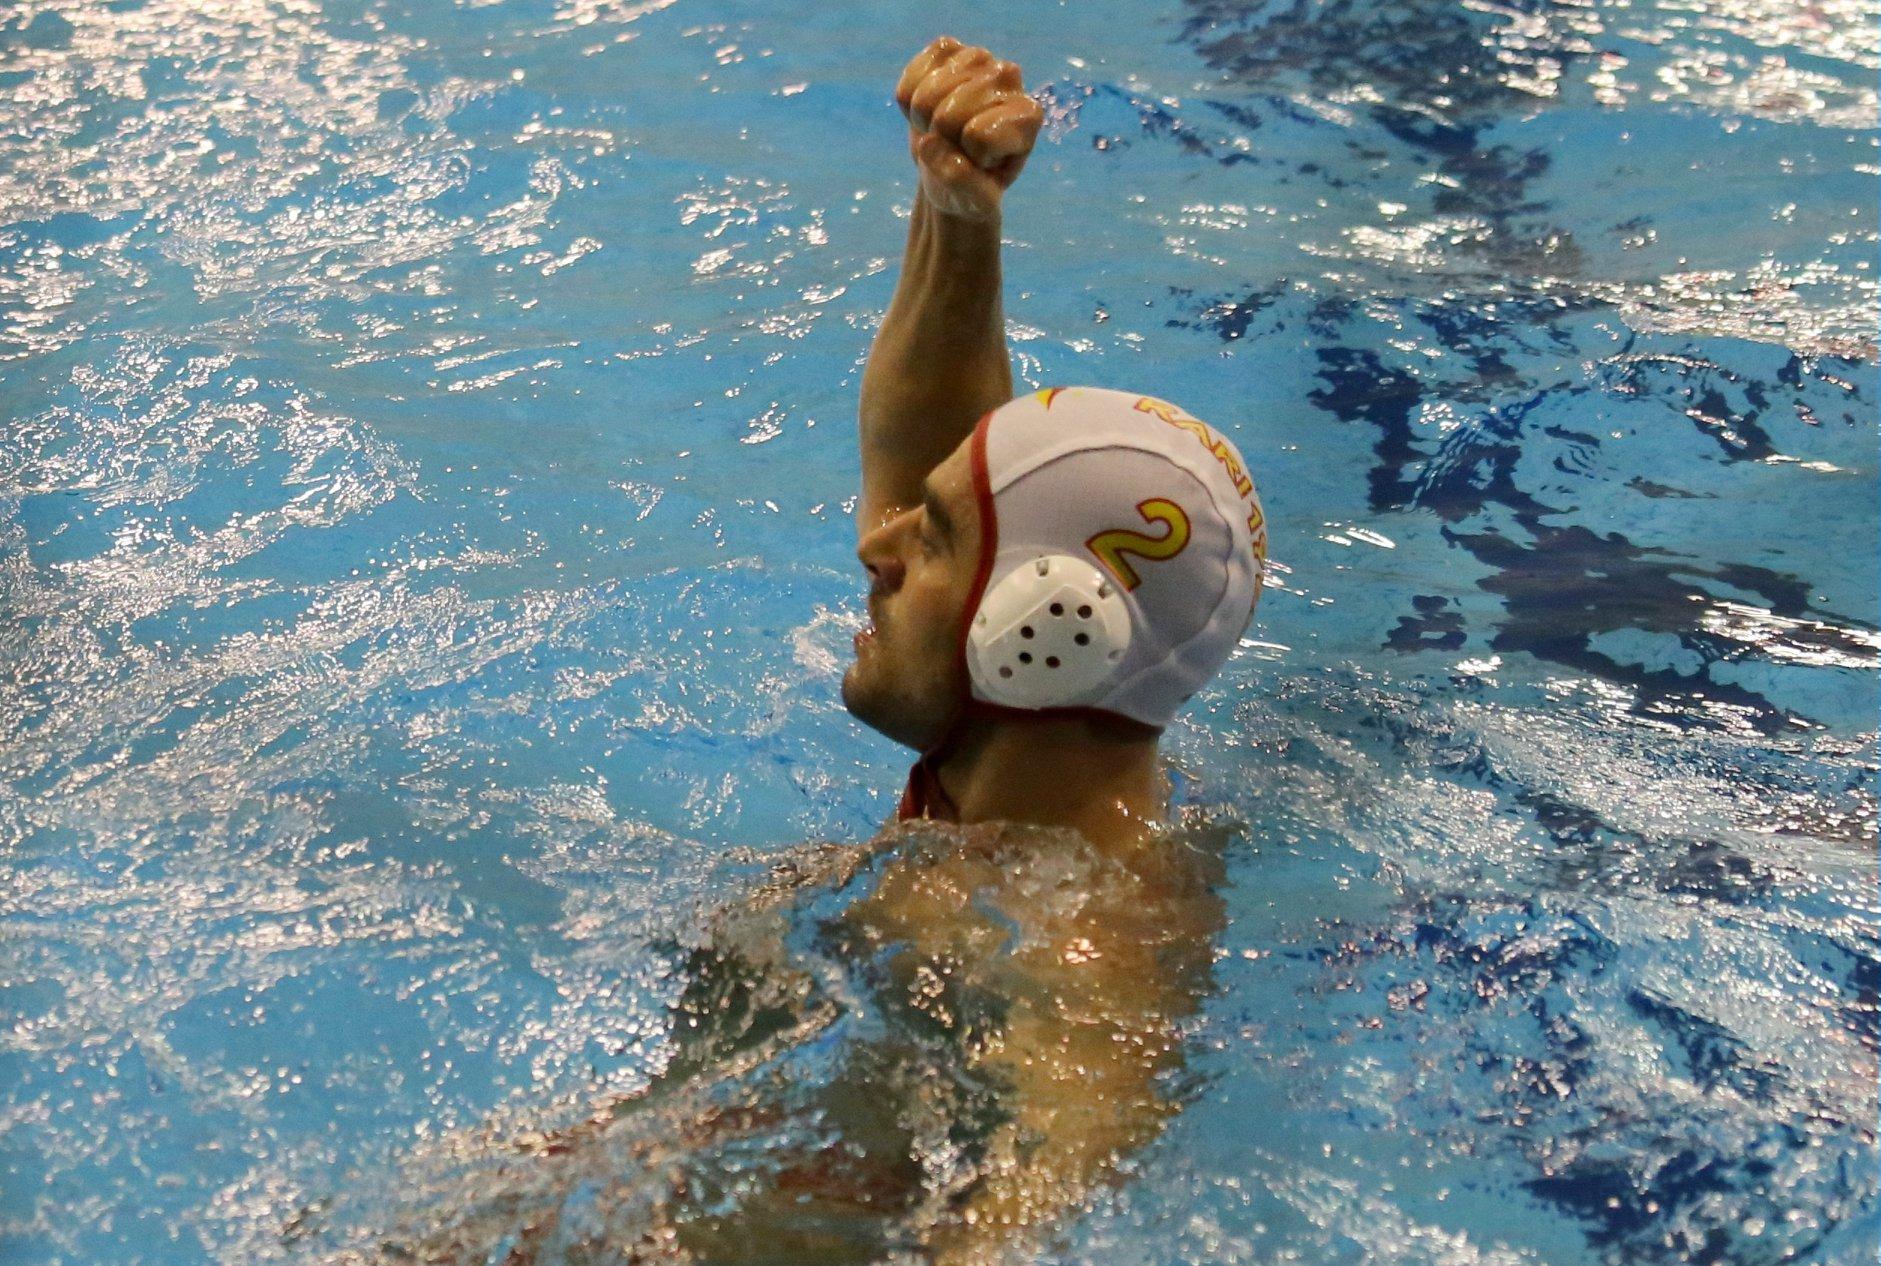 Sconfitta con onore della Rari Nantes Salerno contro la Pro Recco, 15-10